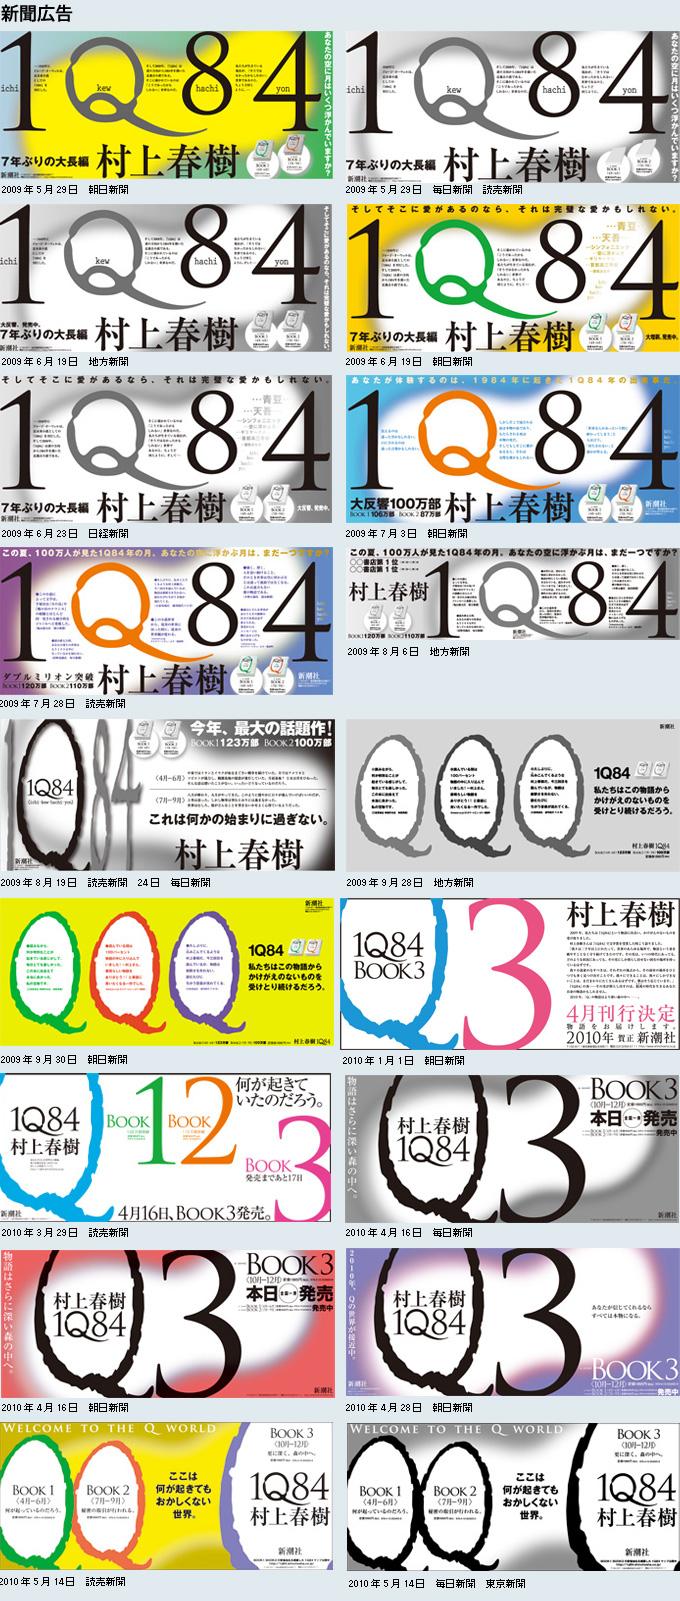 20100529shinbun.jpg